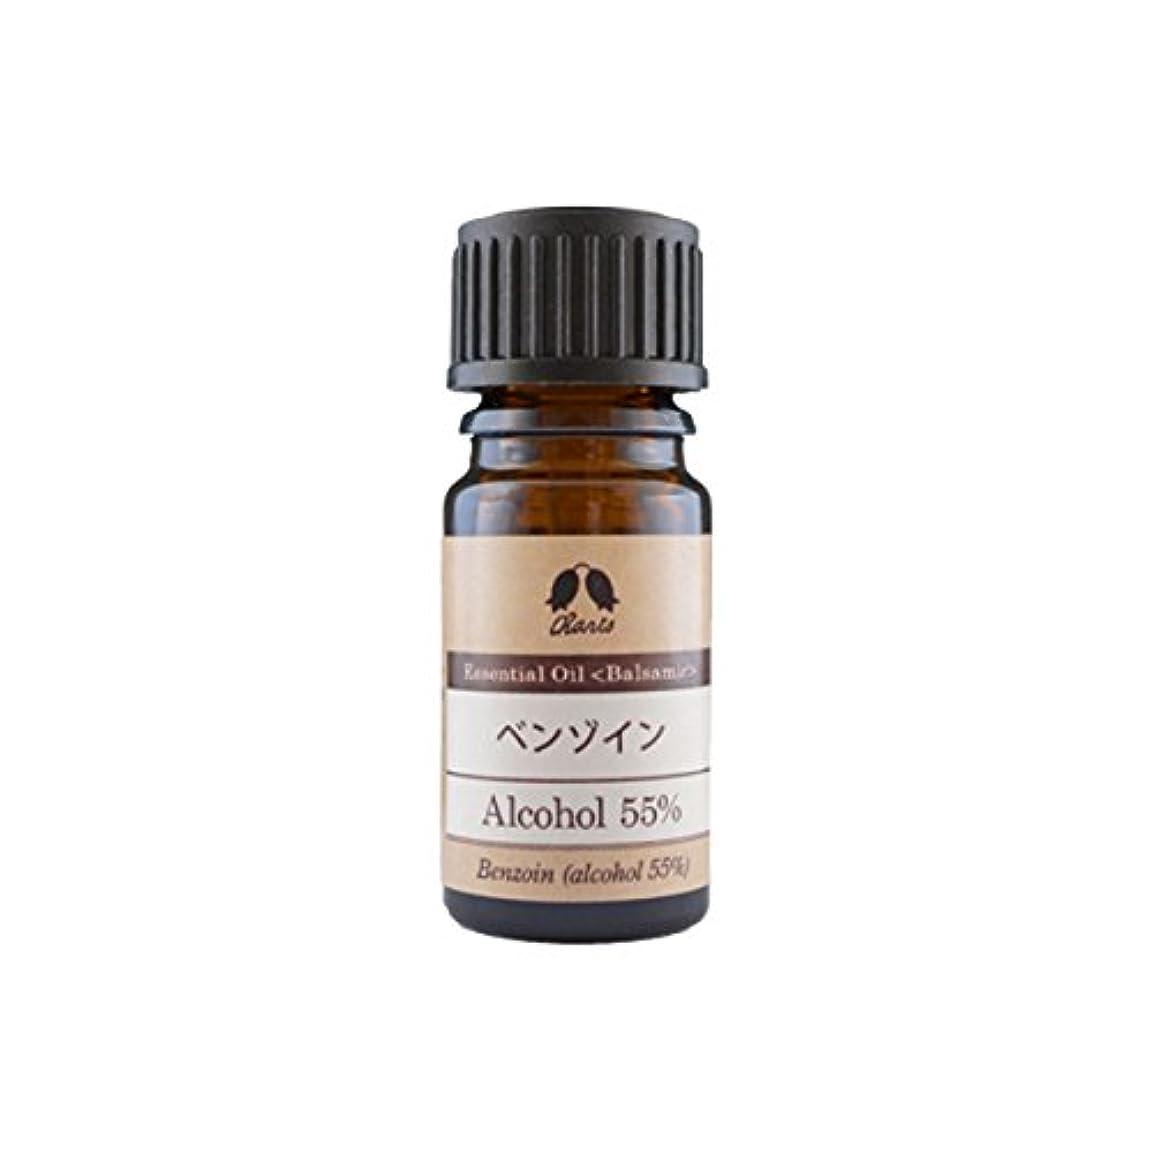 アプローチ配管イデオロギーカリス エッセンシャルオイル ベンゾイン (アルコール55%) オイル 5ml